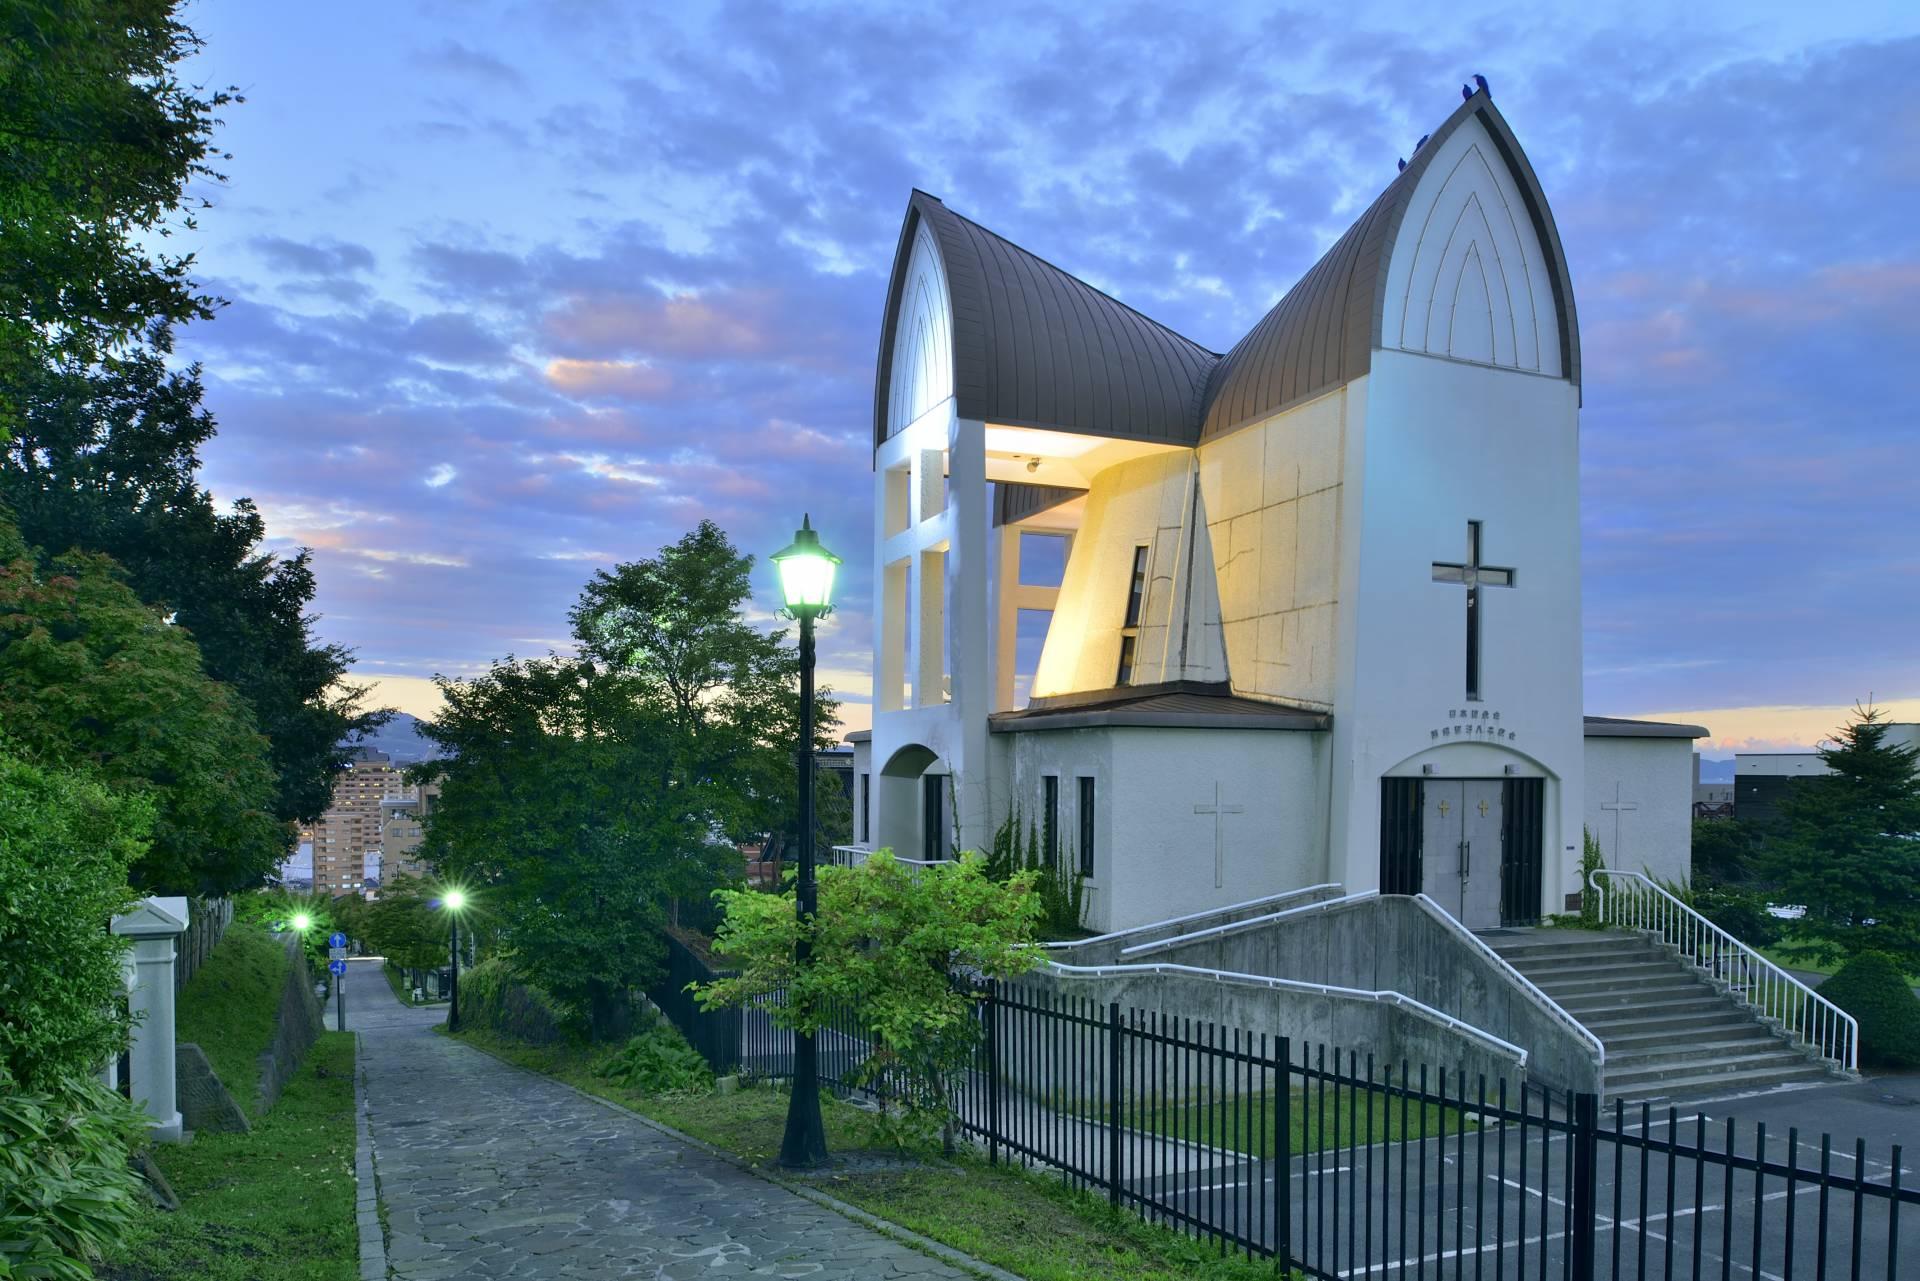 傍晚的函館聖約翰教堂